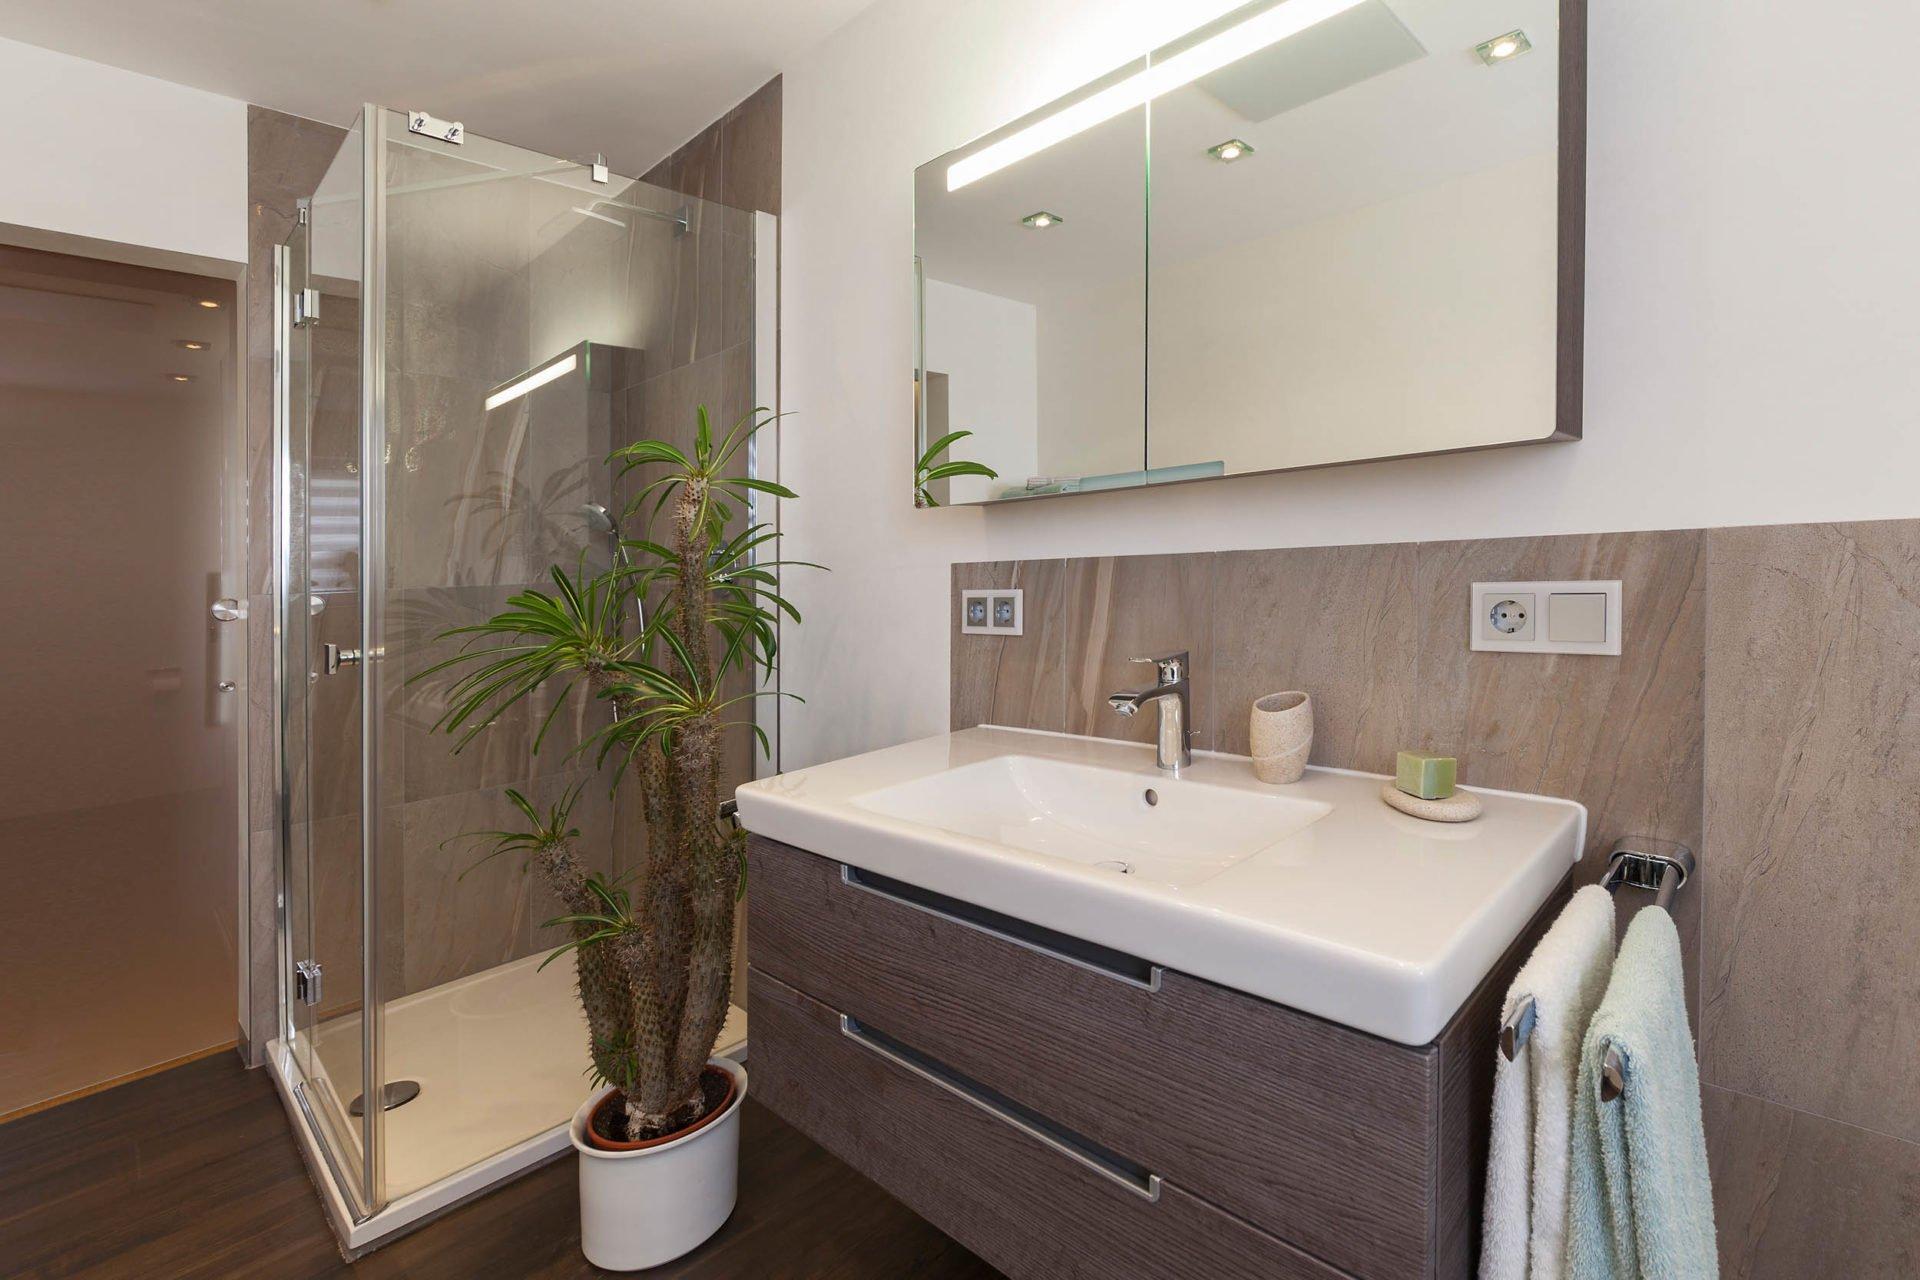 Bad-Referenzbad-marmor-und-holz-bodengleiche-Dusche ...